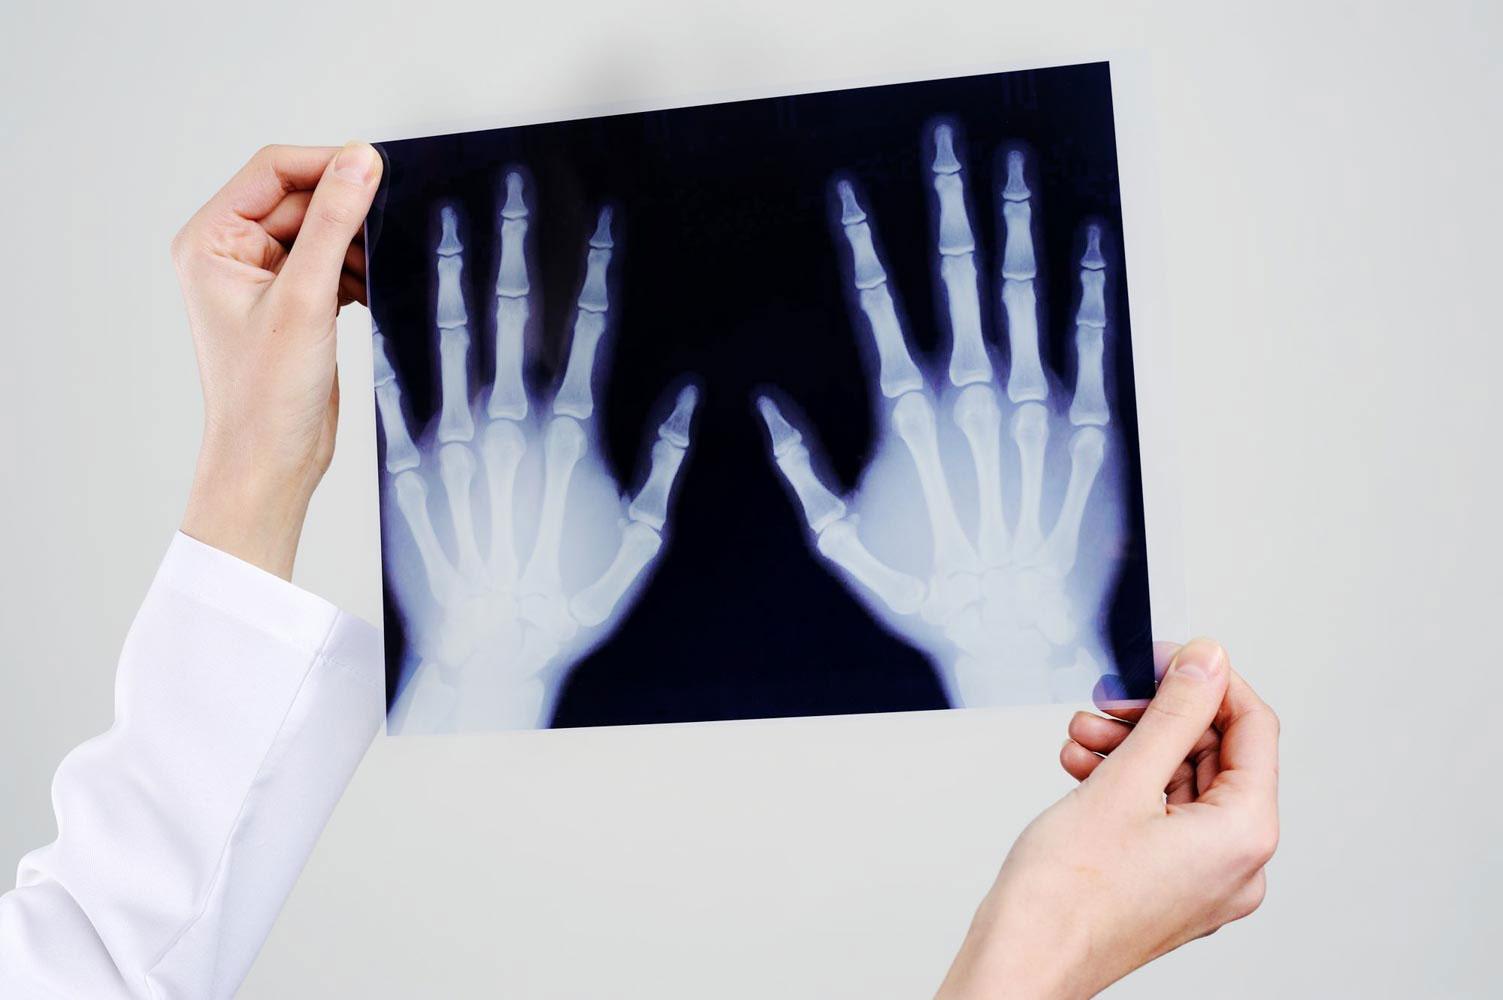 Handchirurgie - Titelbild